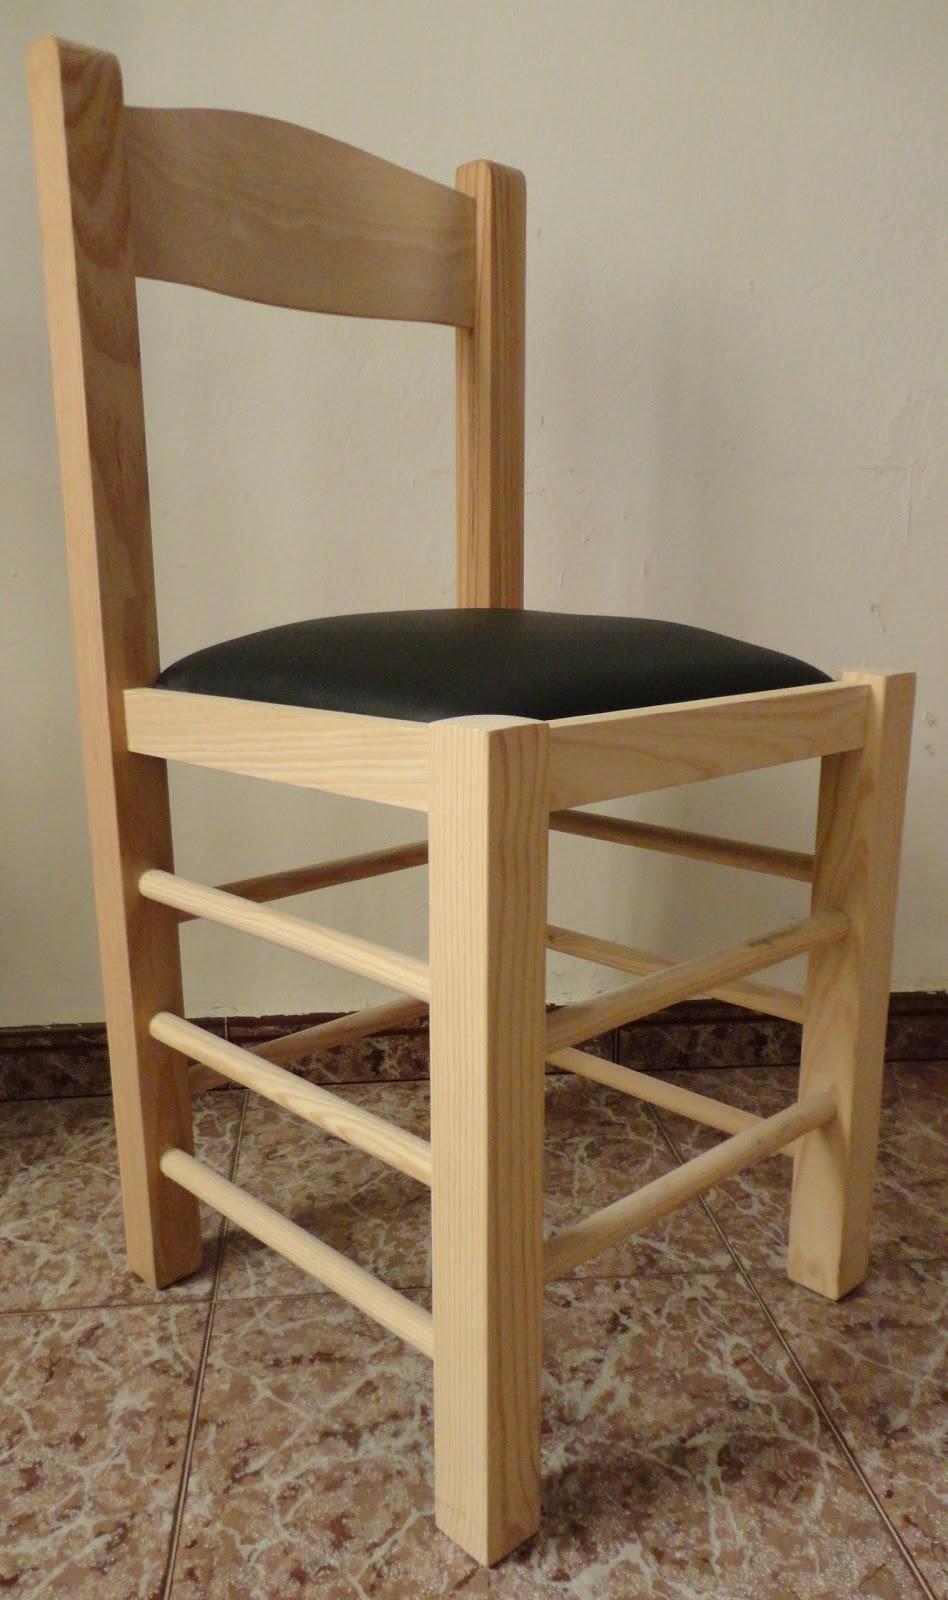 Fabrica de sillas de madera pauli sillas y mesas de for Modelos de mesas y sillas